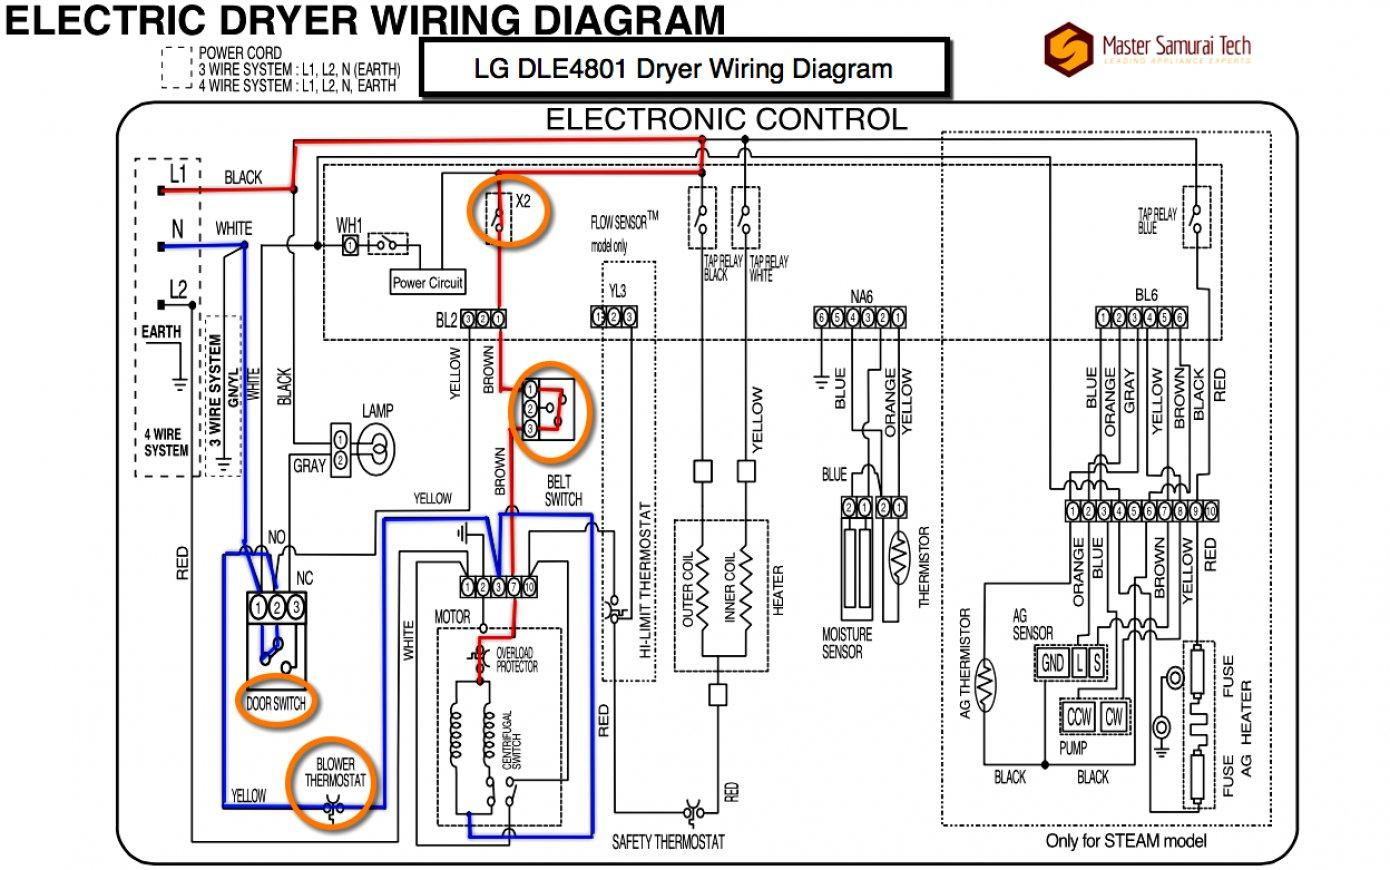 4 Wire Dryer Schematic Wiring Diagram | Wiring Diagram - Dryer Plug Wiring Diagram